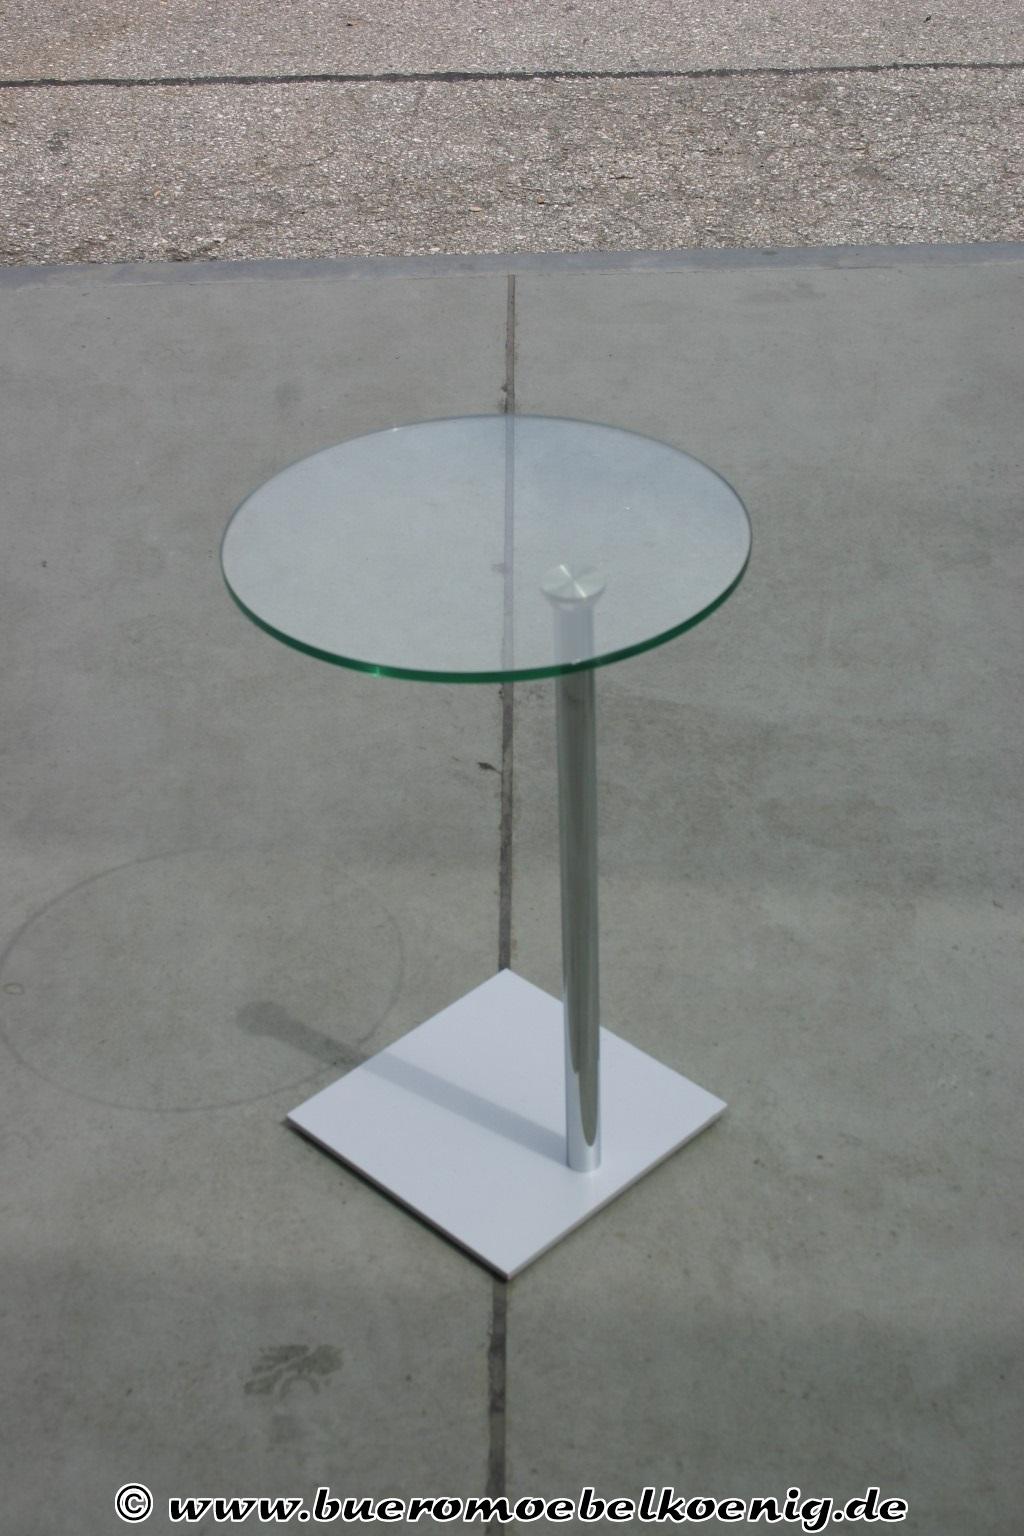 Runder beistelltisch mit glasplatte - Runder couchtisch mit glasplatte ...